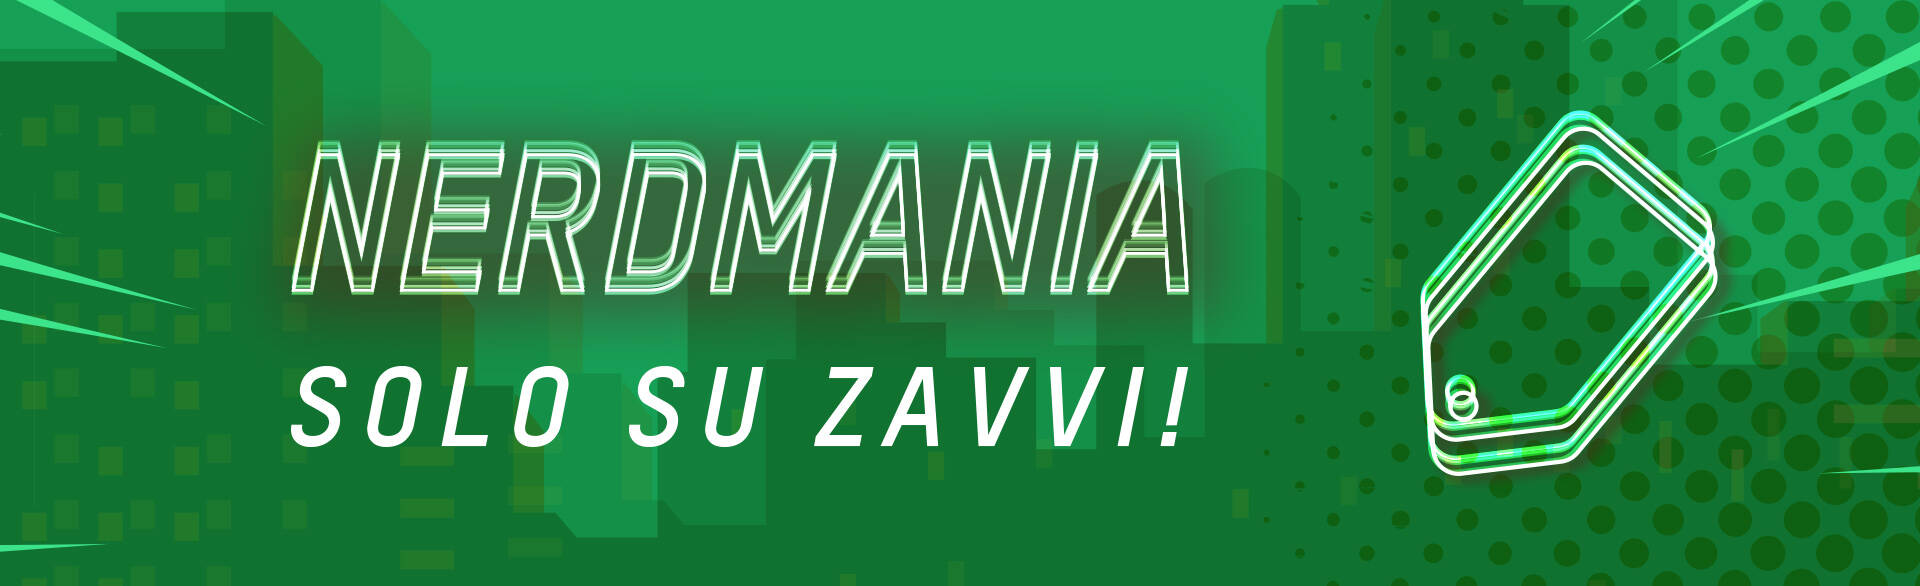 banner nerdmania  zavvi